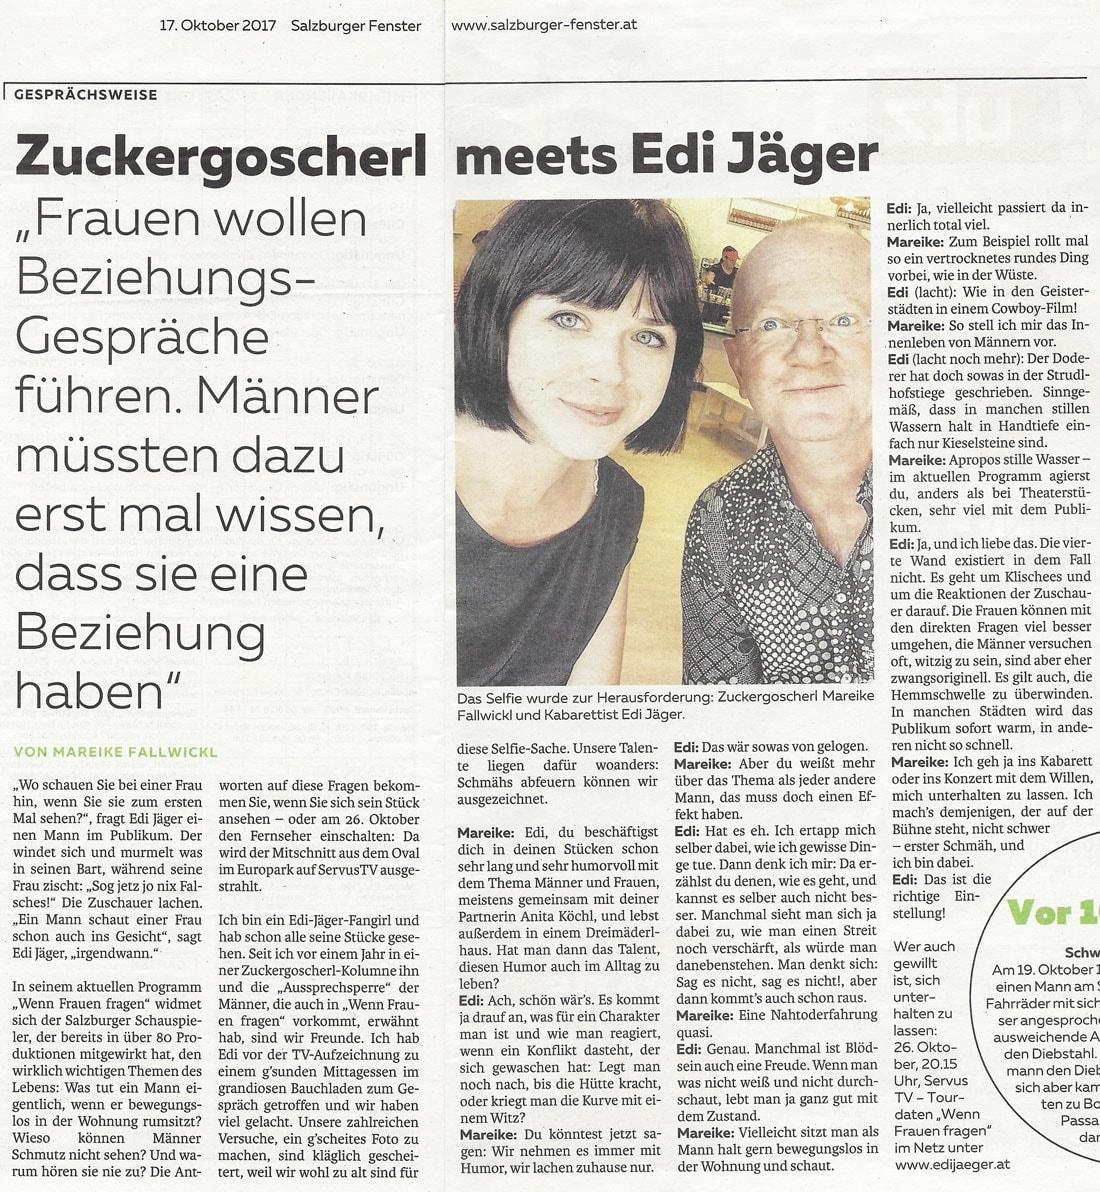 2017 10 17 SF Interview EdiJaeger - Zuckergoscherl meets Edi Jäger - Salzburger Fenster vom 17.10.2017